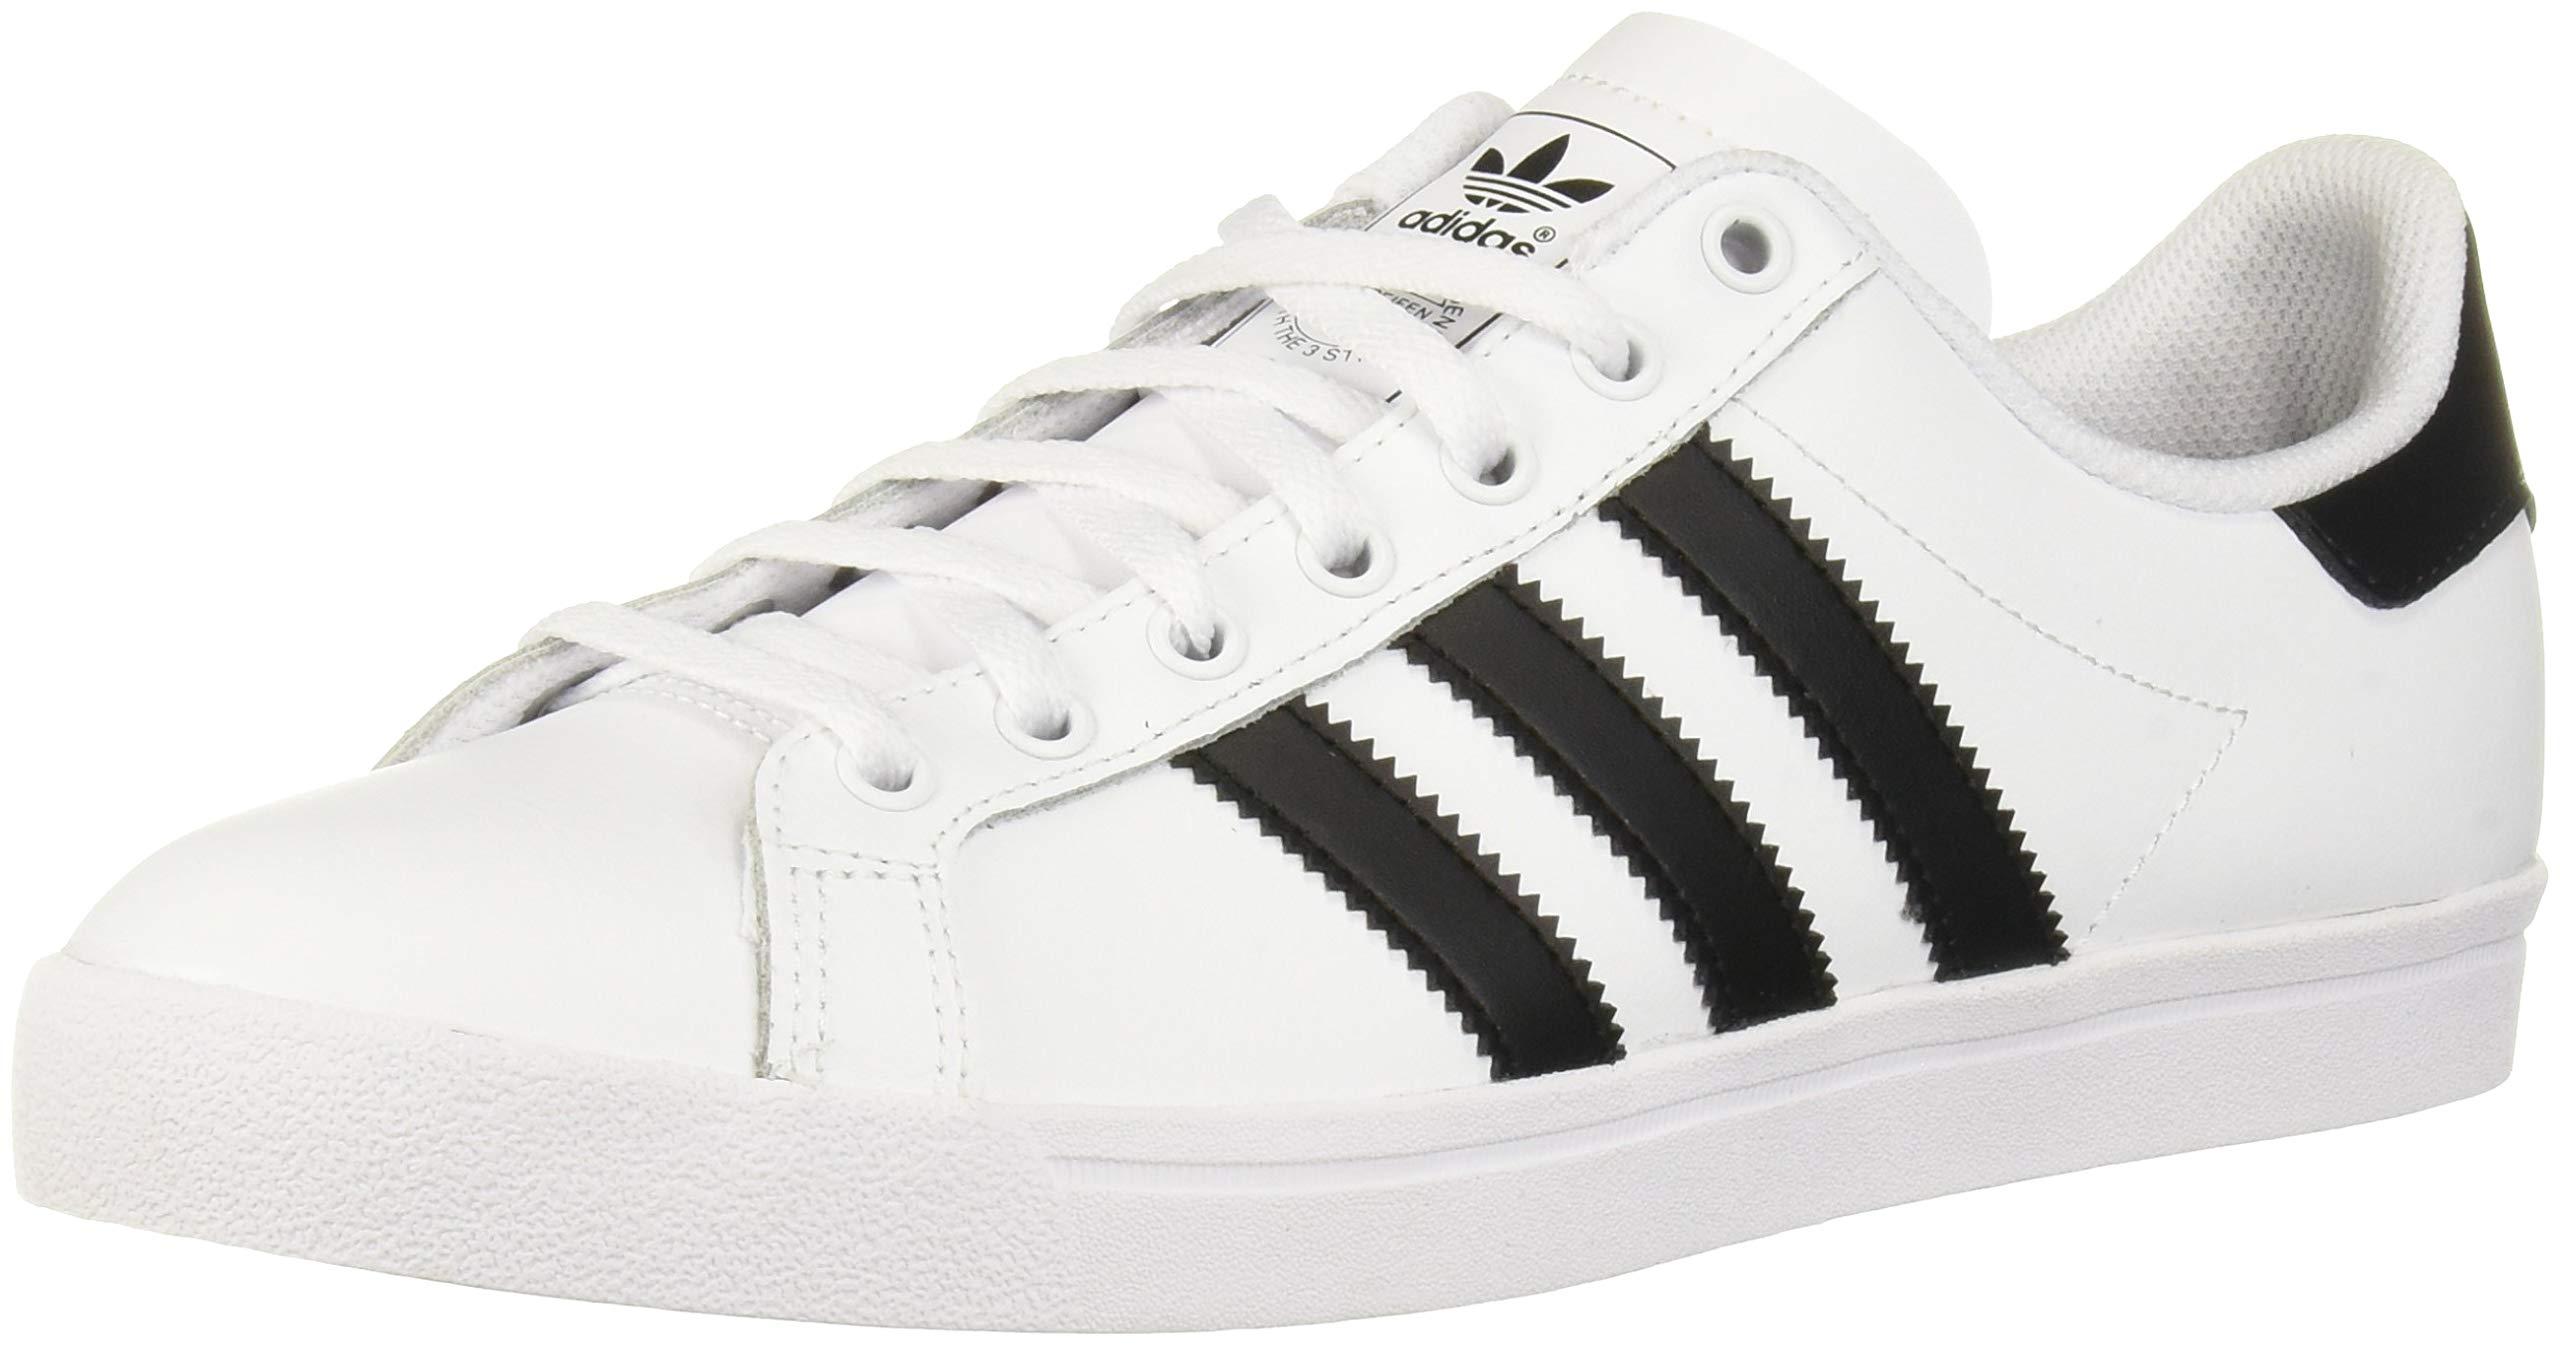 adidas Originals Unisex Coast Star Sneaker, Black, White, 7 Medium US Big Kid